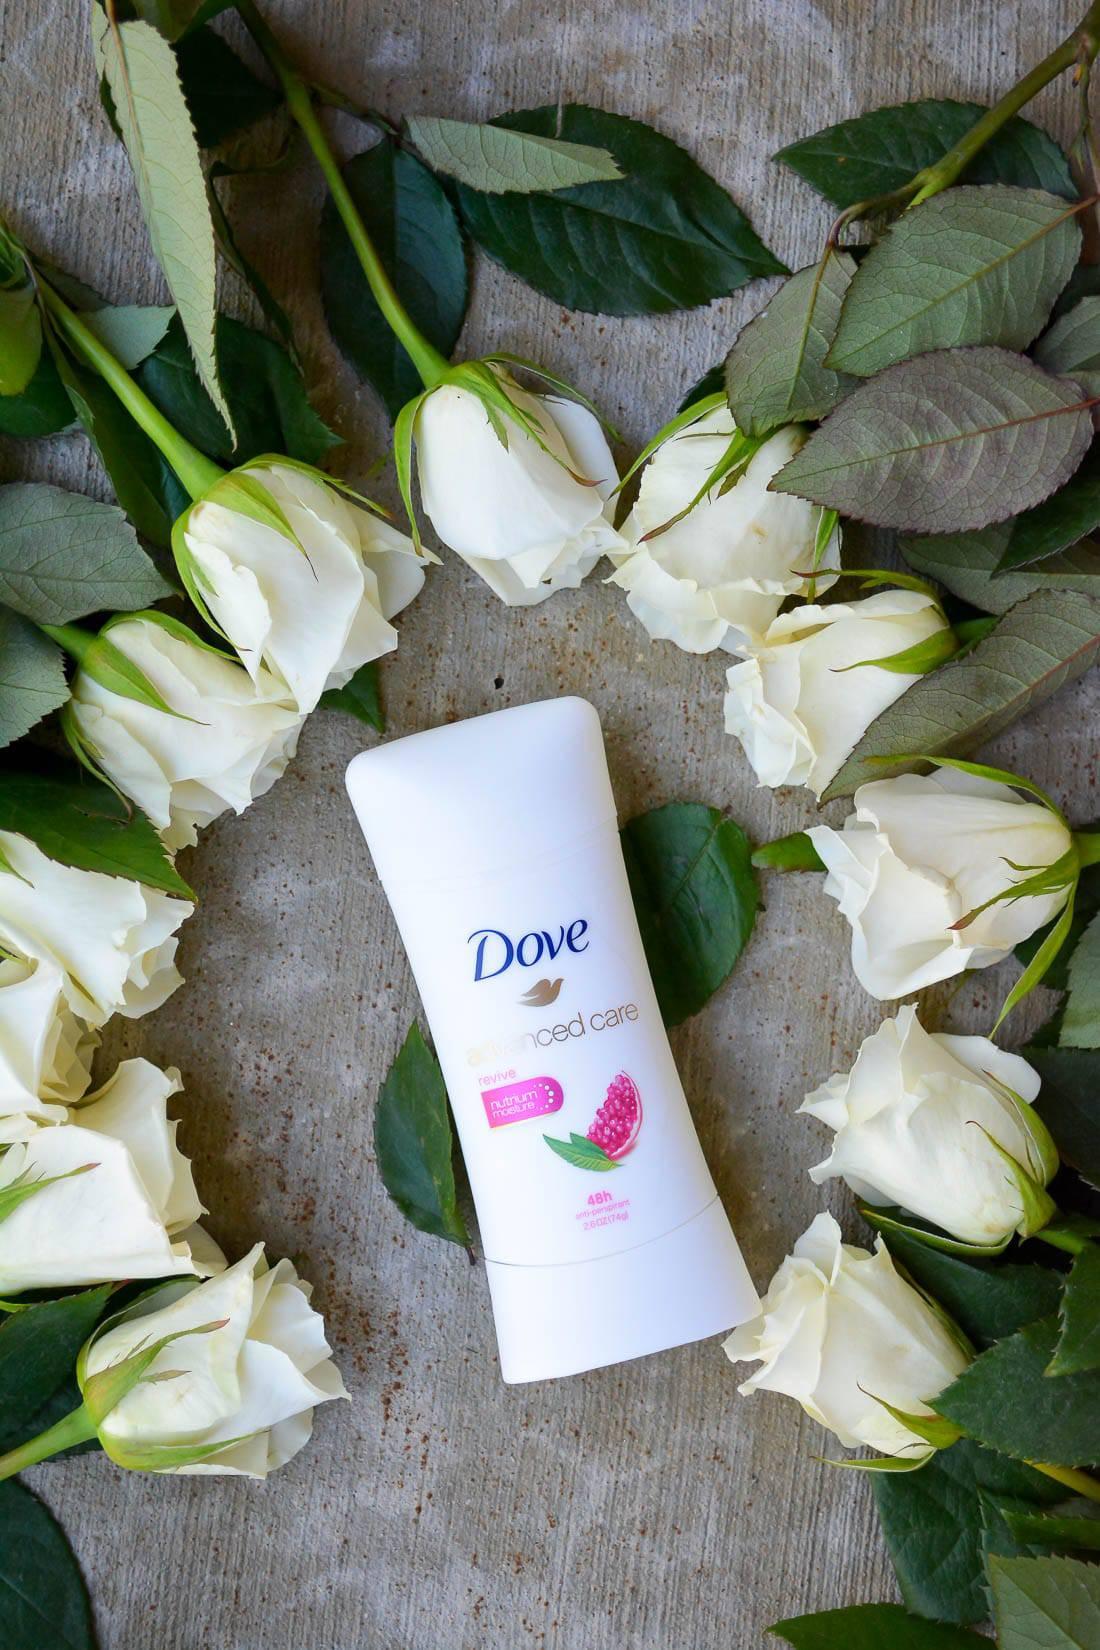 Dove Advantage Care Antiperspirant, Skin care, Chicago Blogger, Deodorant